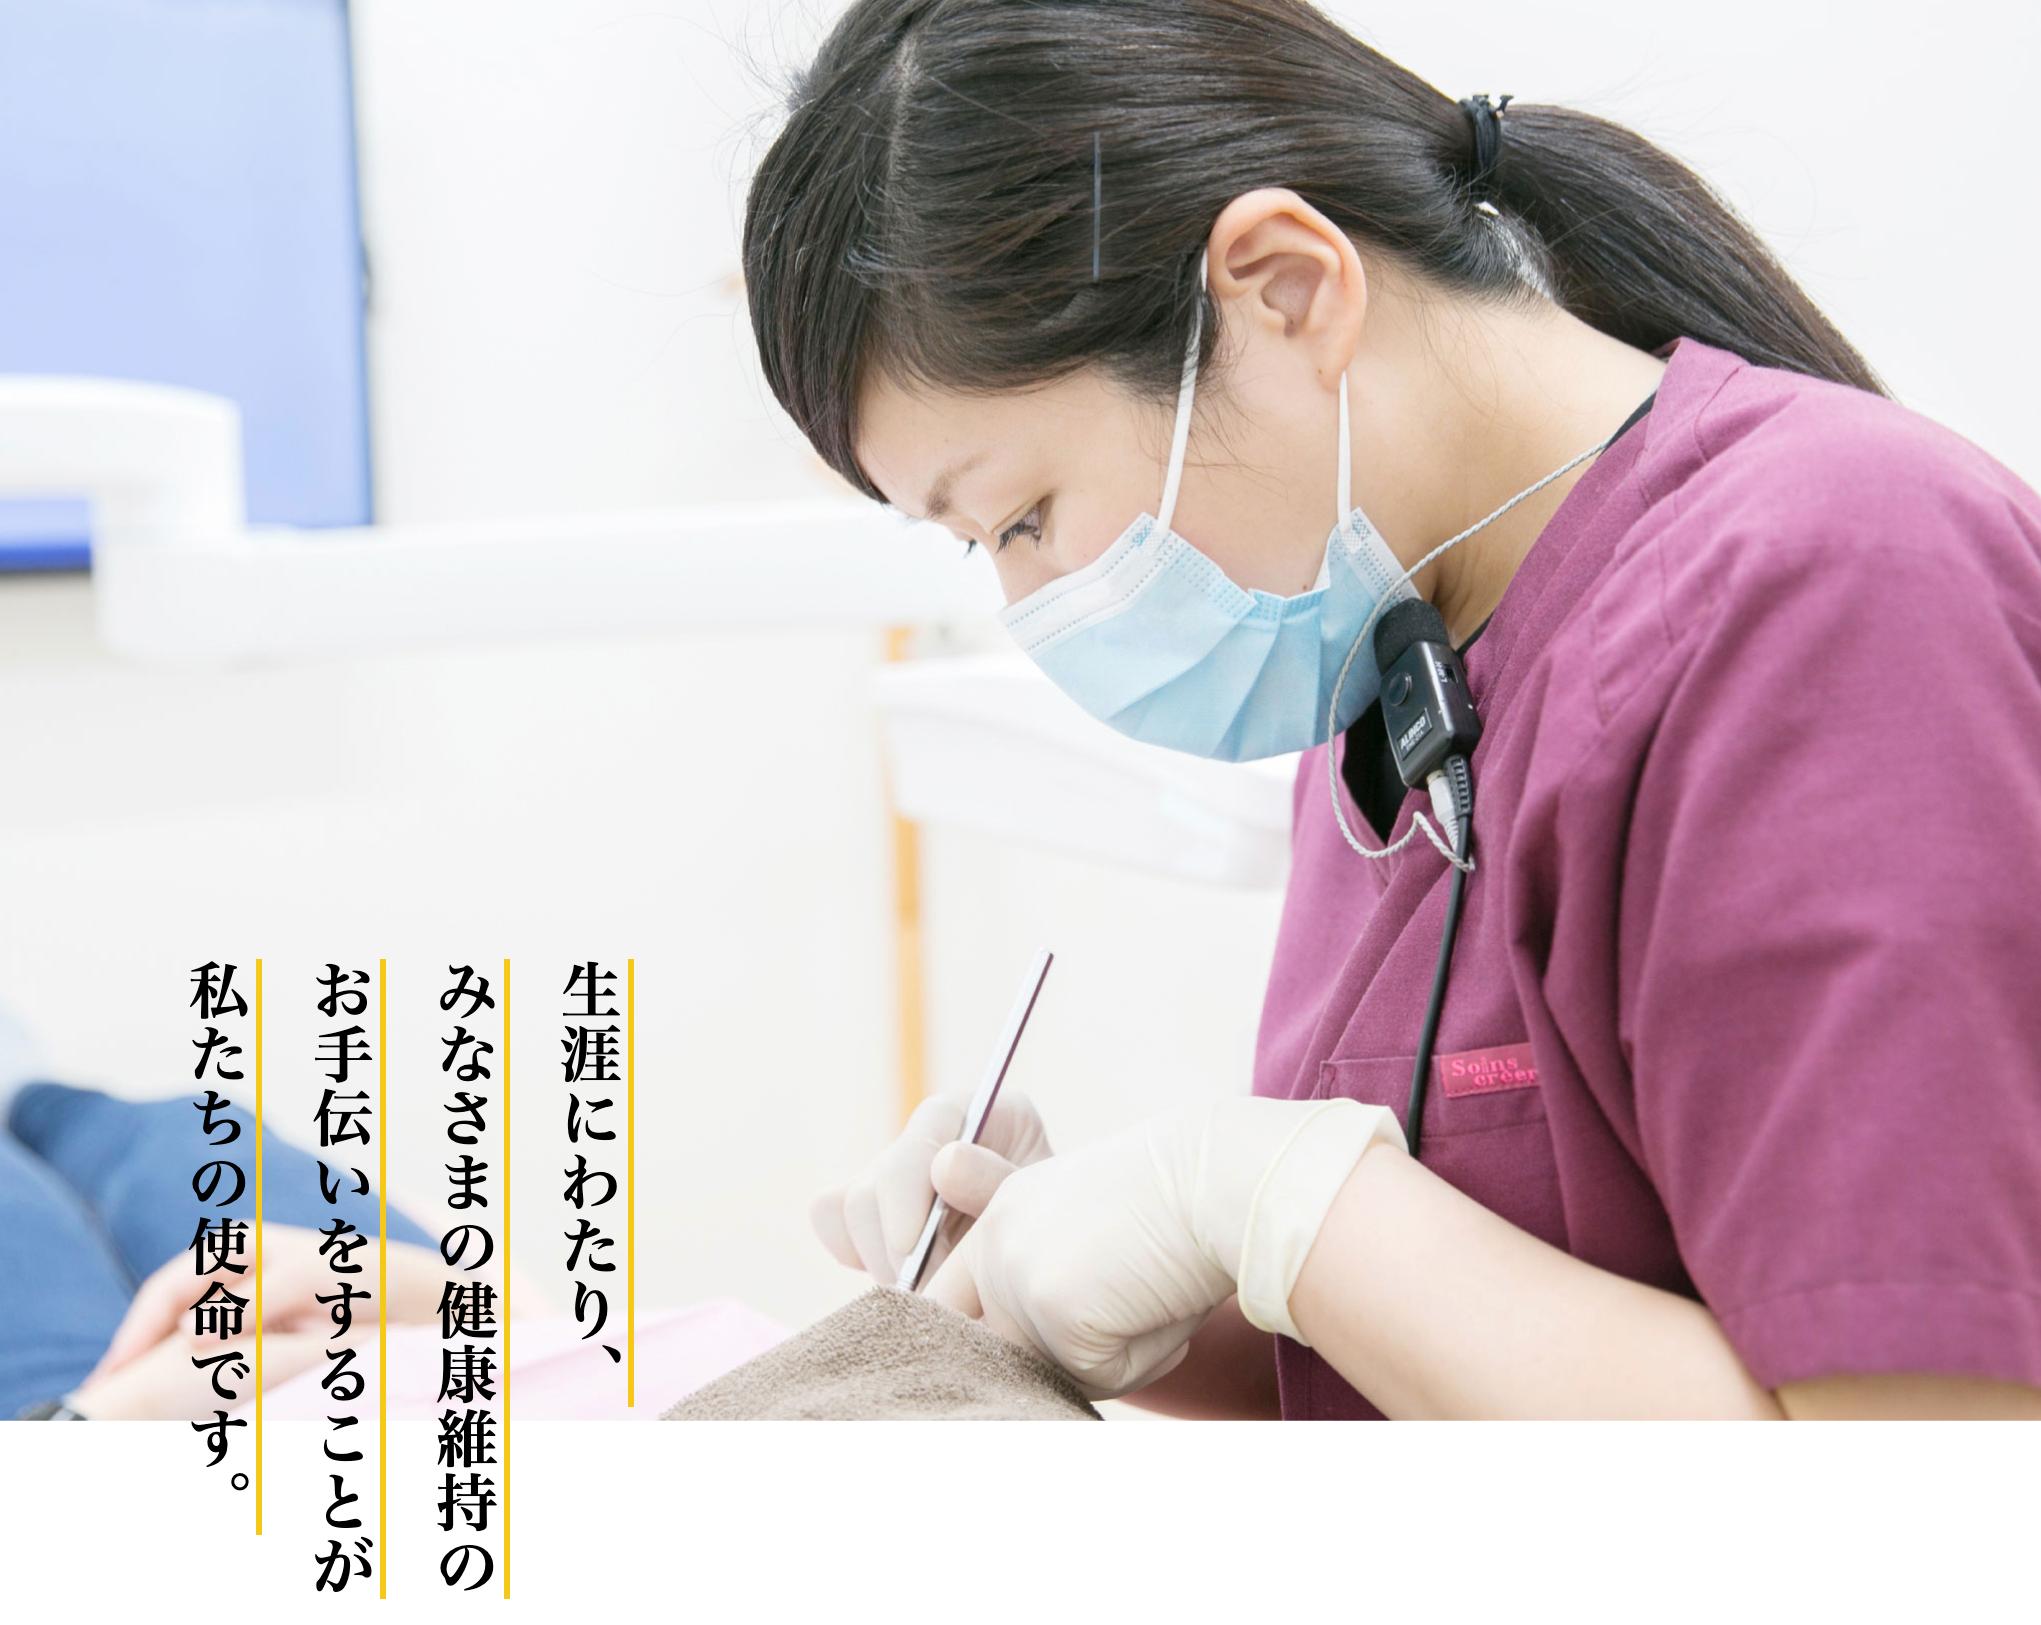 あい歯科クリニック高倉様 ウェブサイト